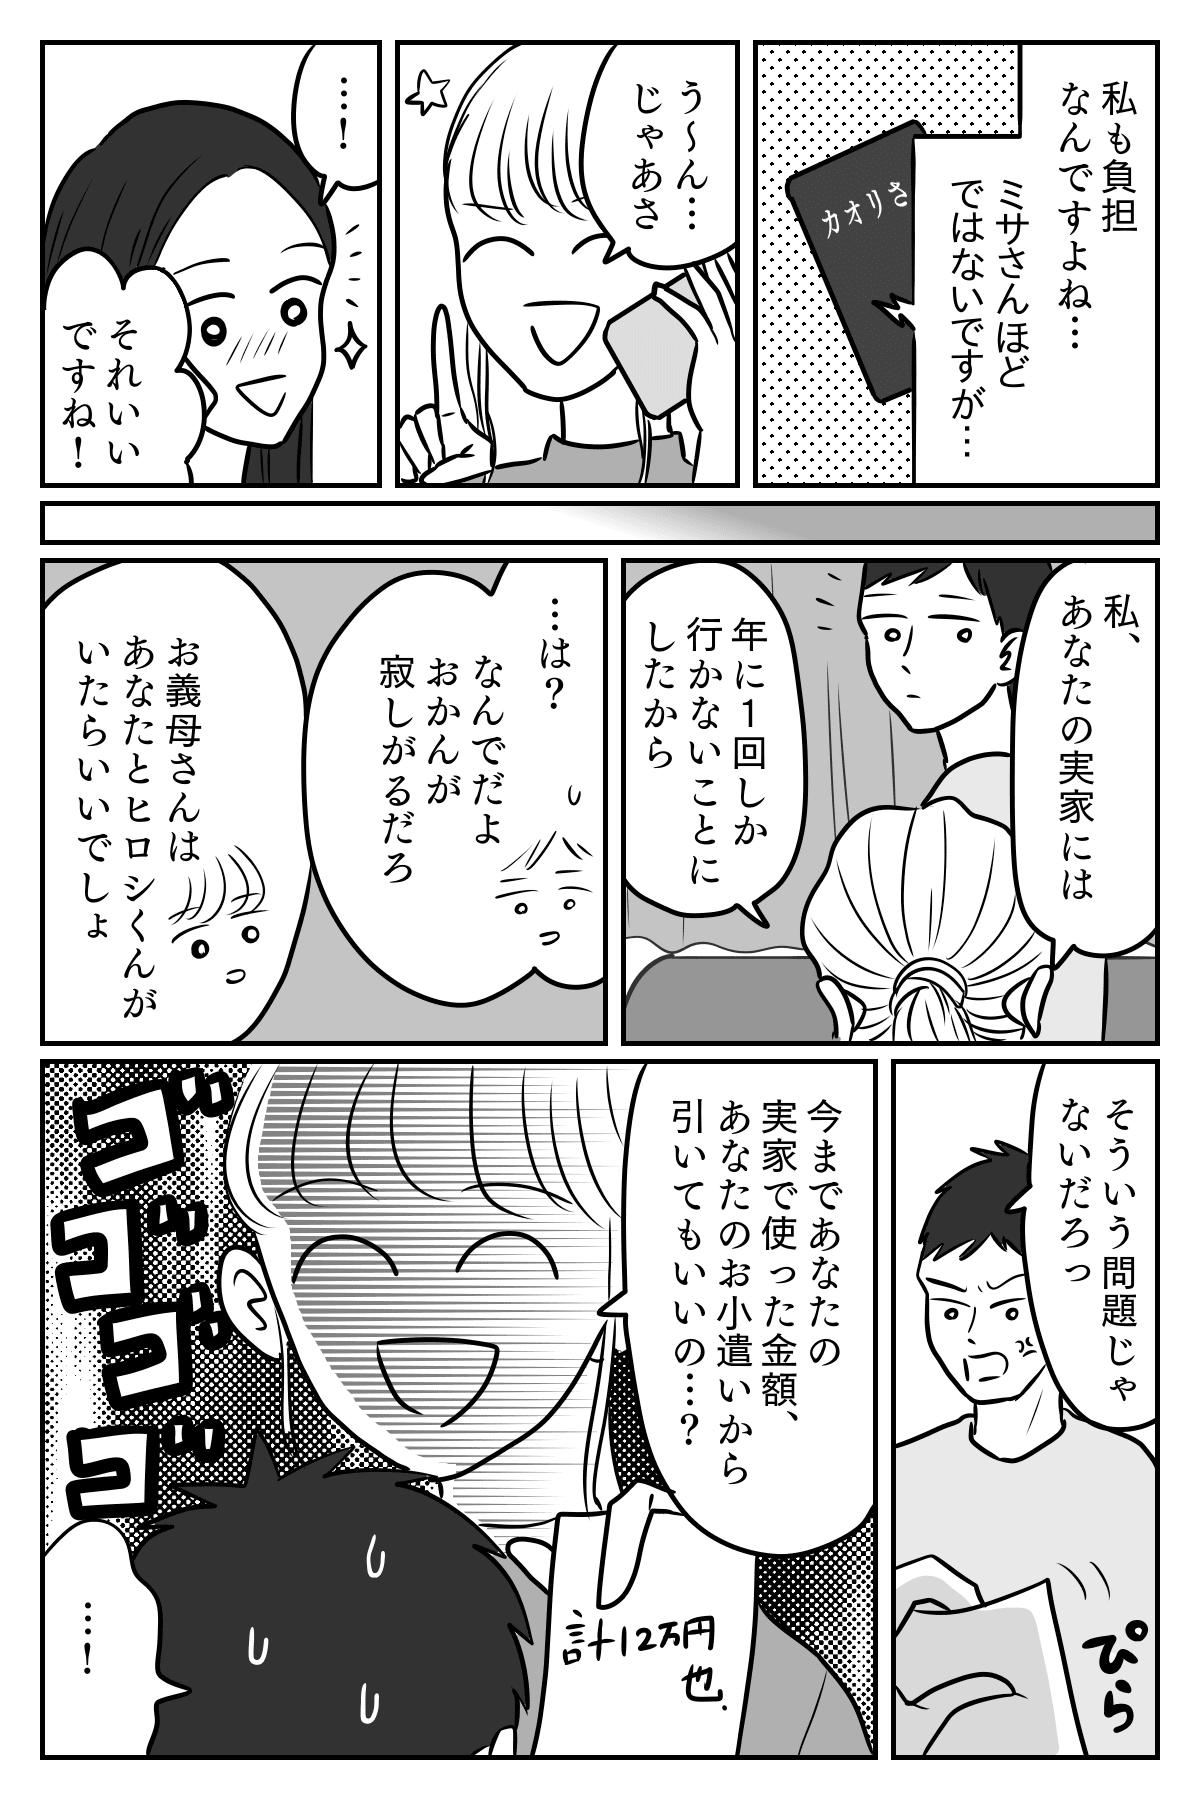 お土産2-3